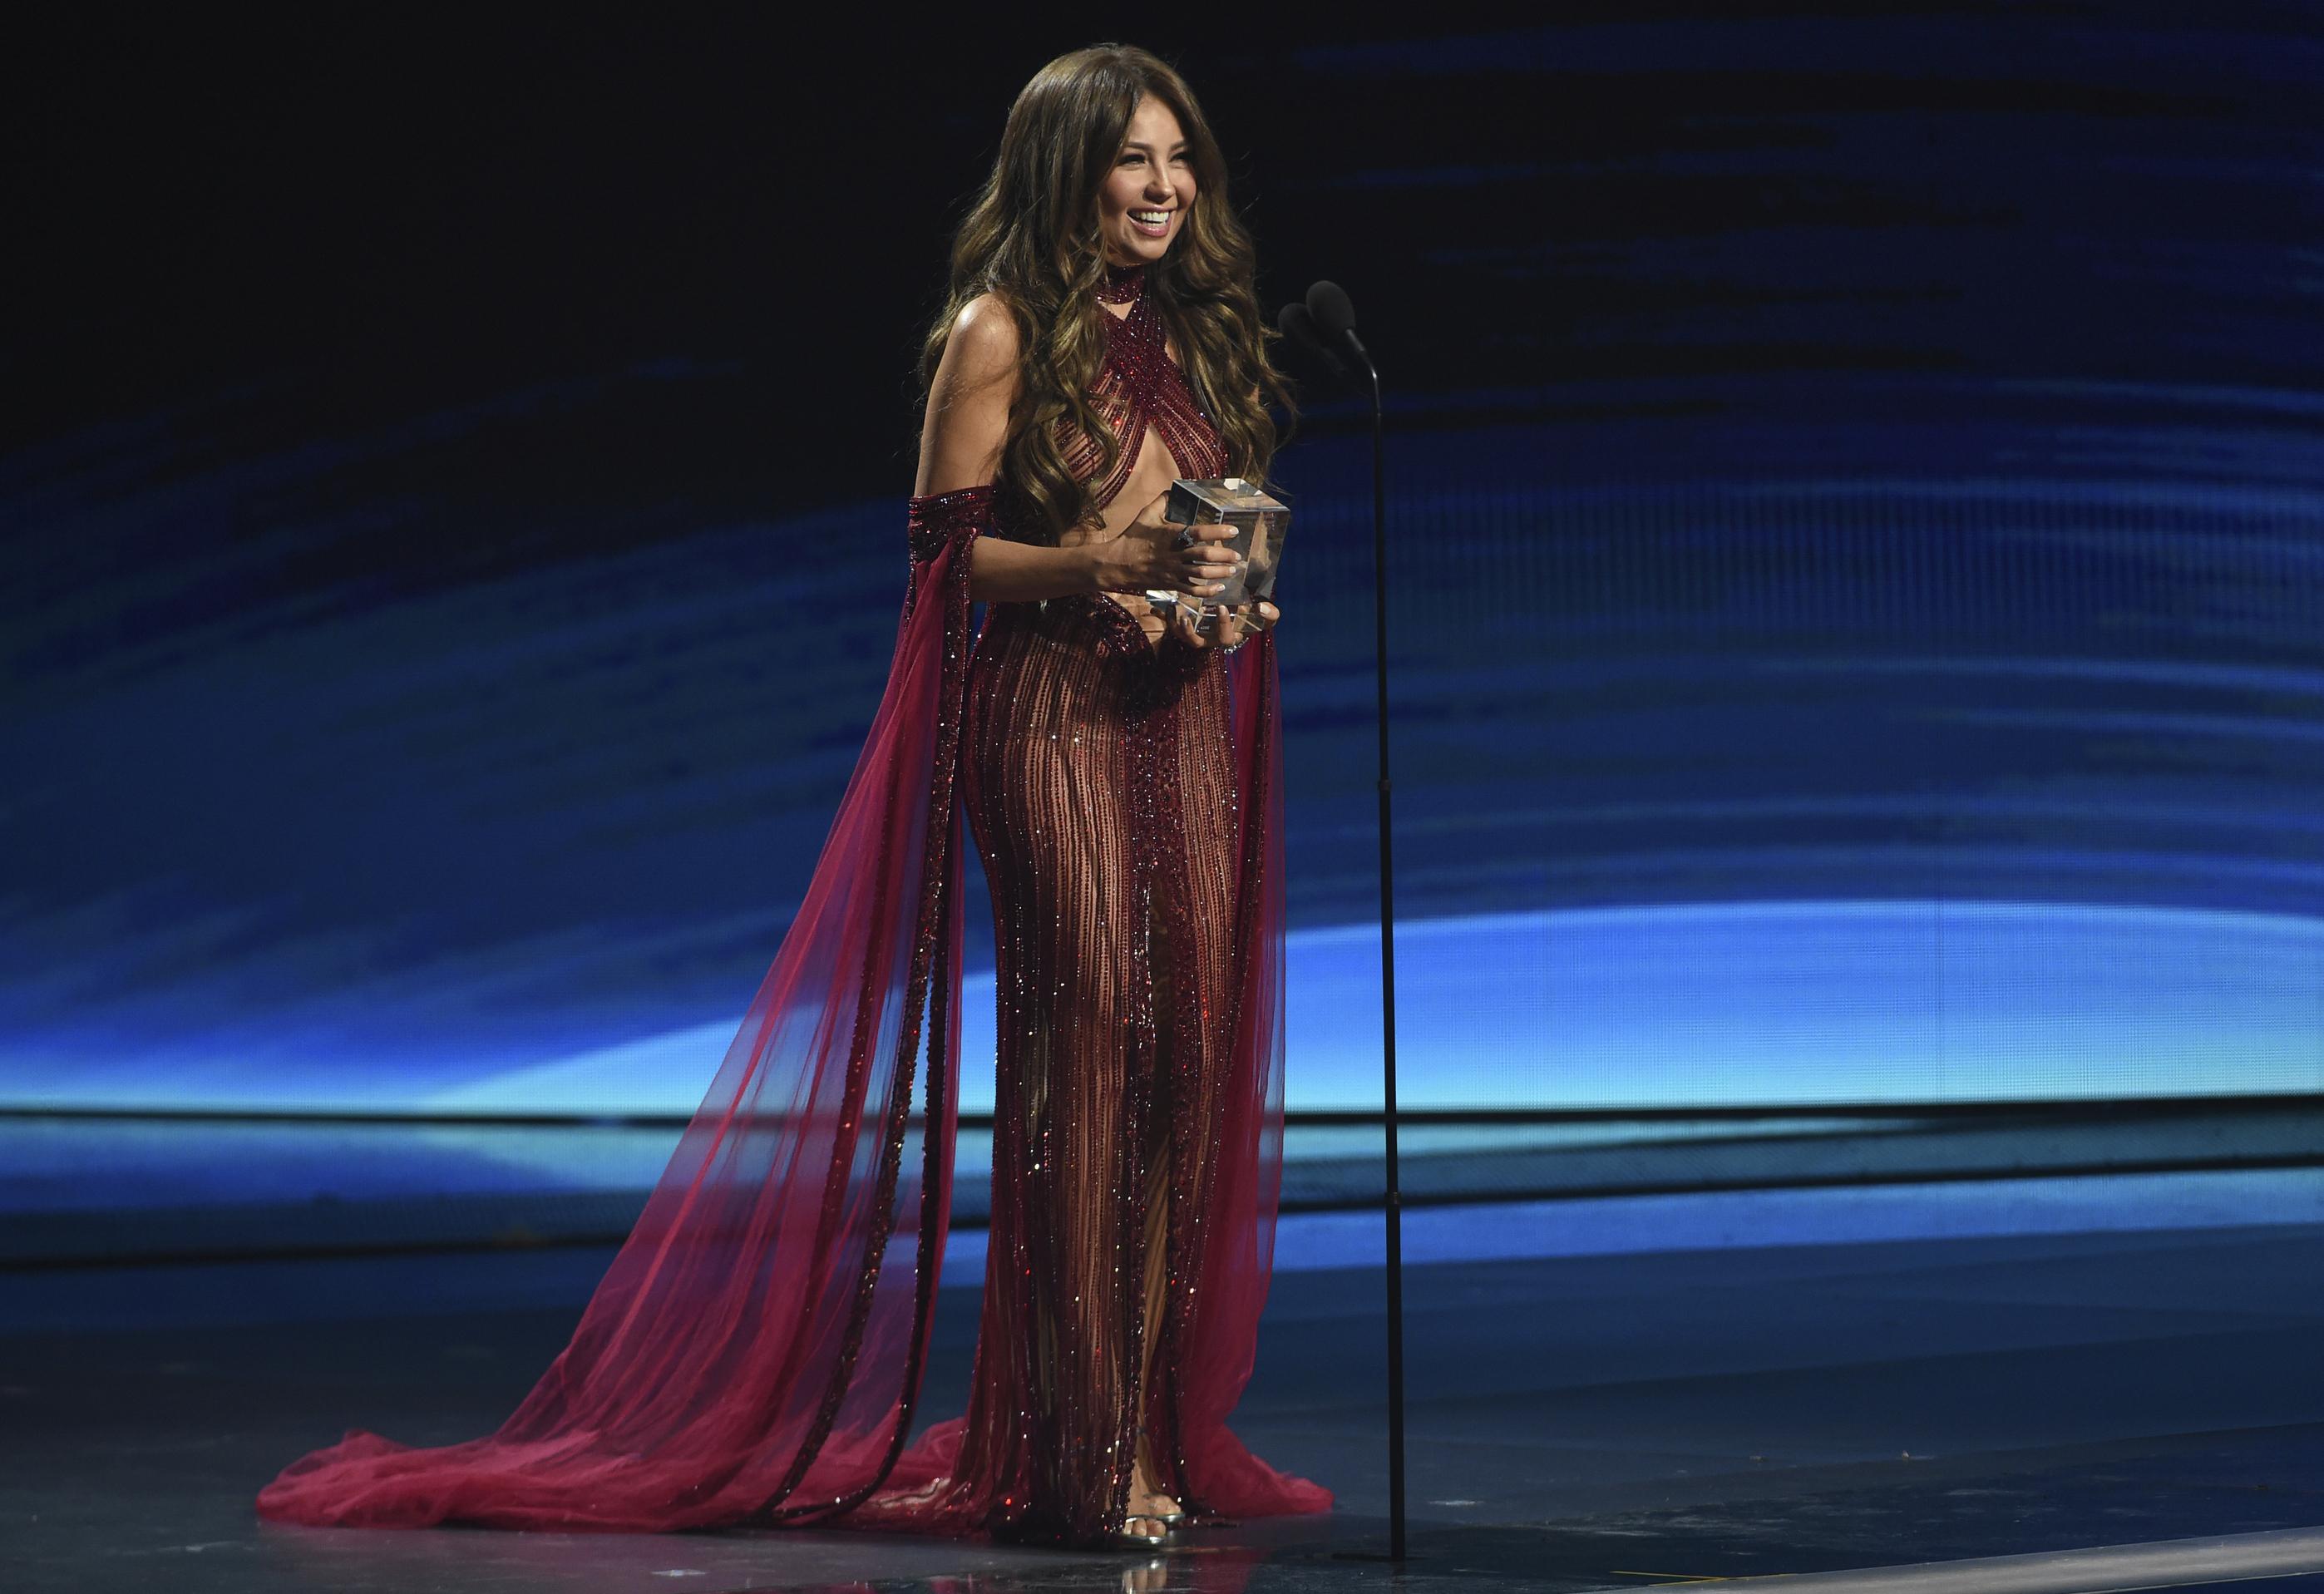 Thalía, quien este año cumplió sus 48, se dio a conocer con la agrupación pop mexicana Timbiriche cuando era una adolescente, luego protagonizó telenovelas, se convirtió en madre, se convirtió en estrella de la radio latina en Estados Unidos y dio el salto a la música urbana. (AP)